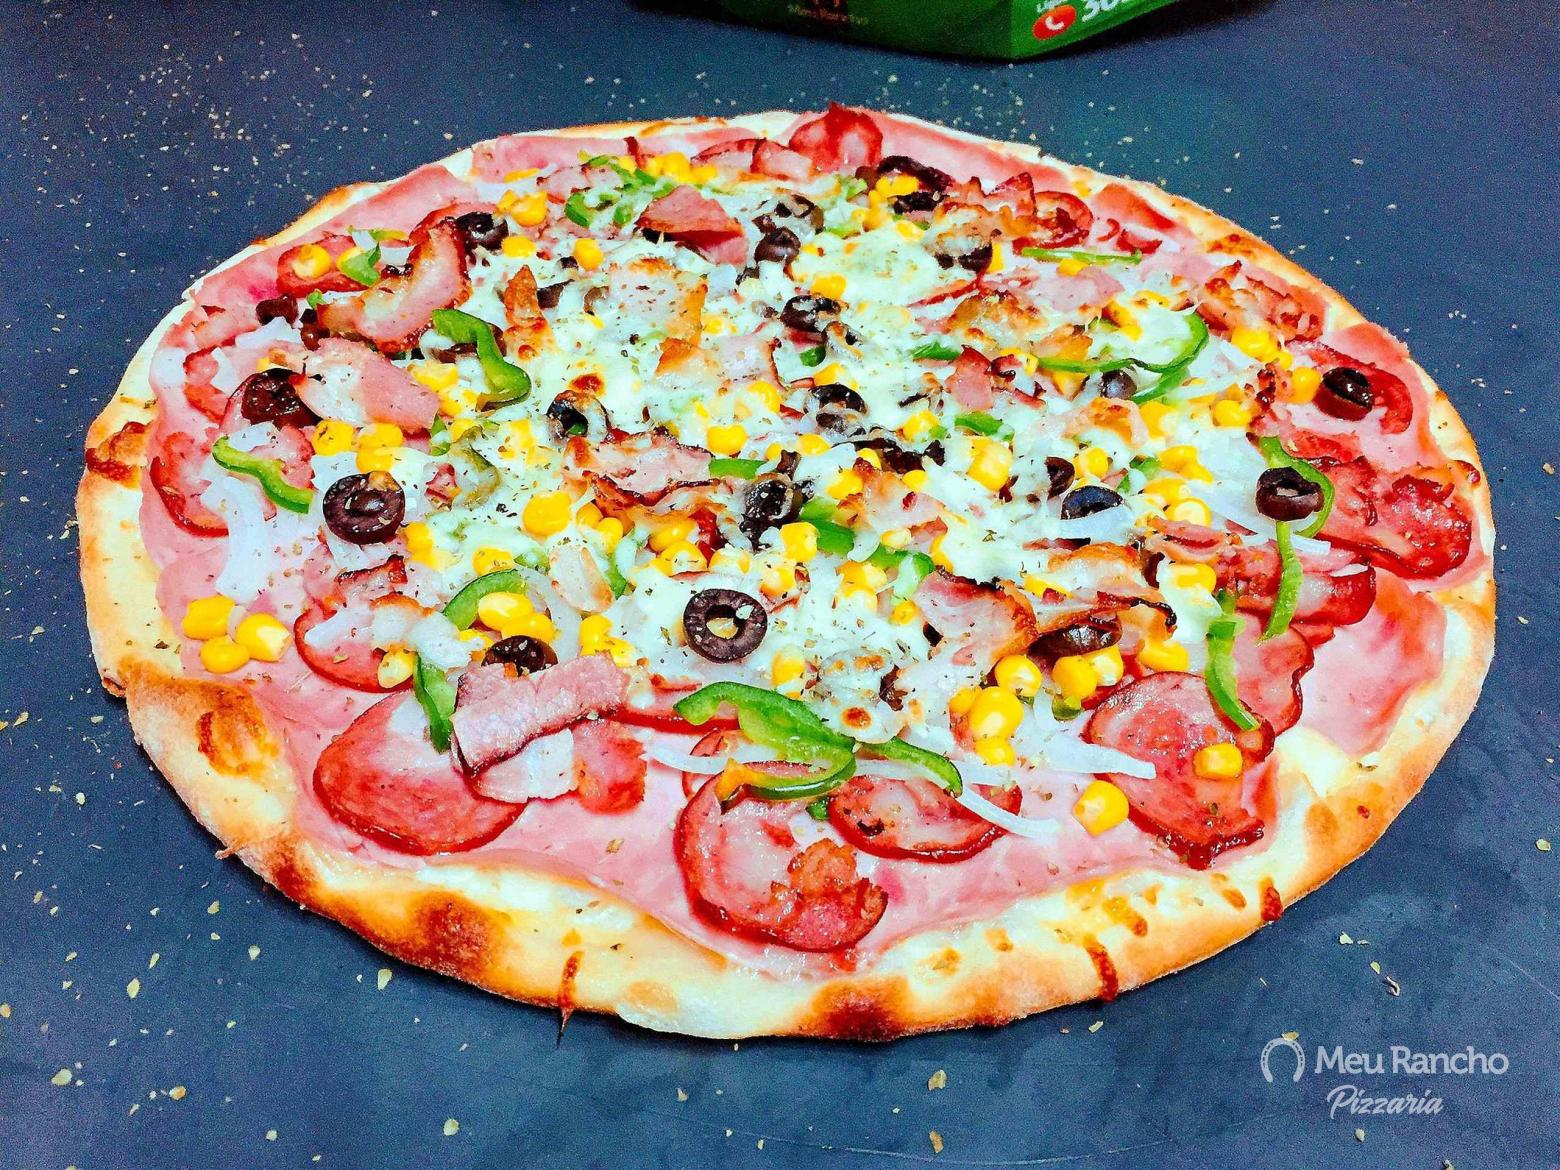 10 - Pizza à Moda Meu Rancho